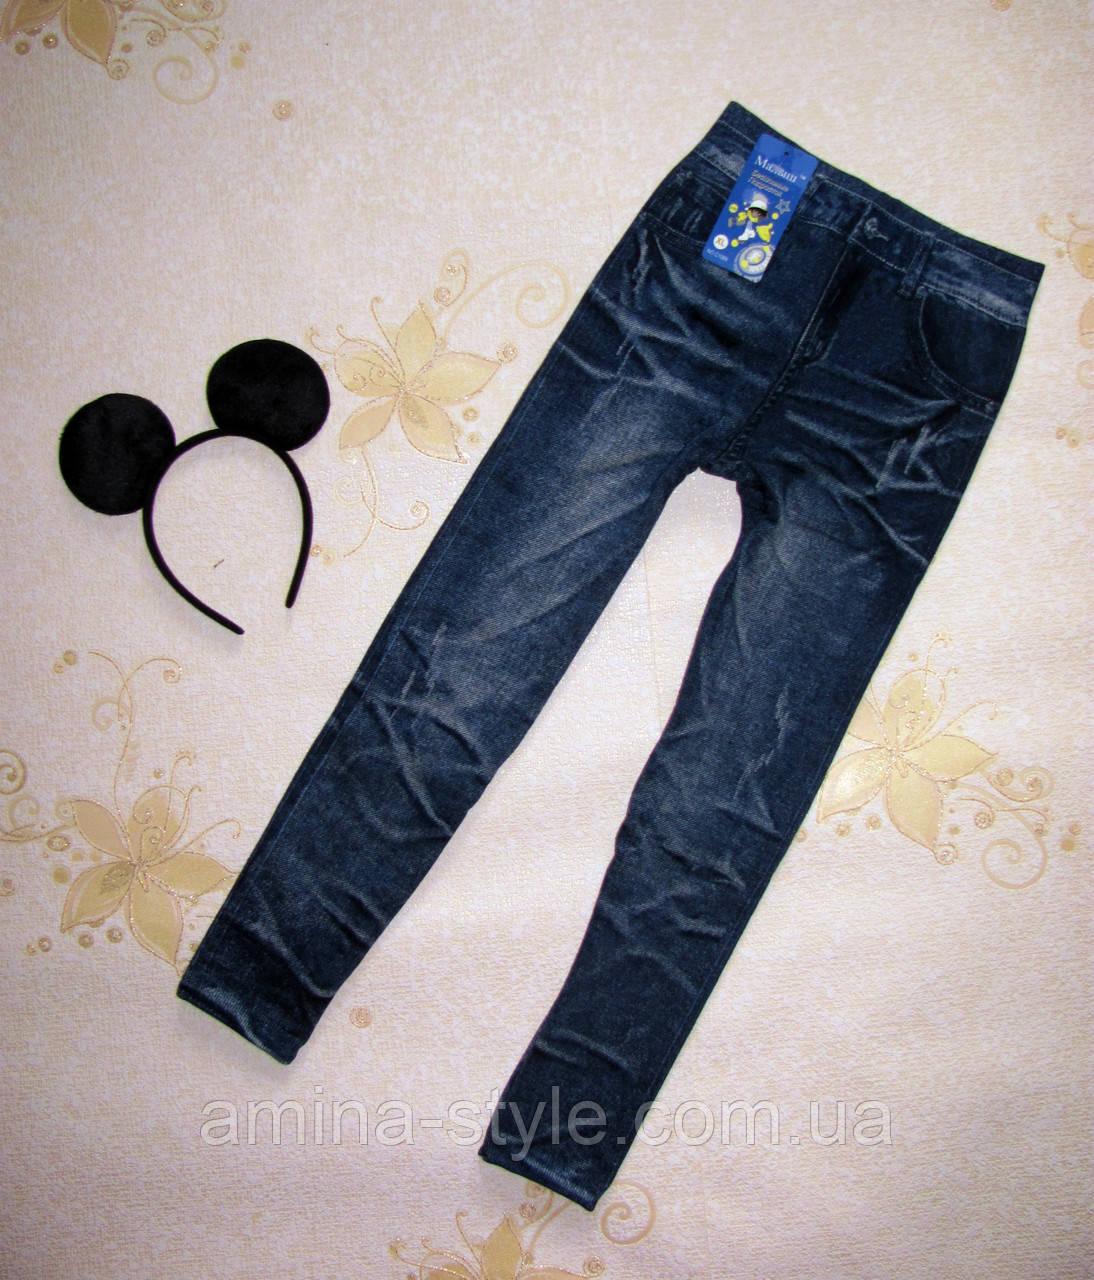 Детские лосины под джинс МАХРА размер ХXL (7-10 лет), фото 1